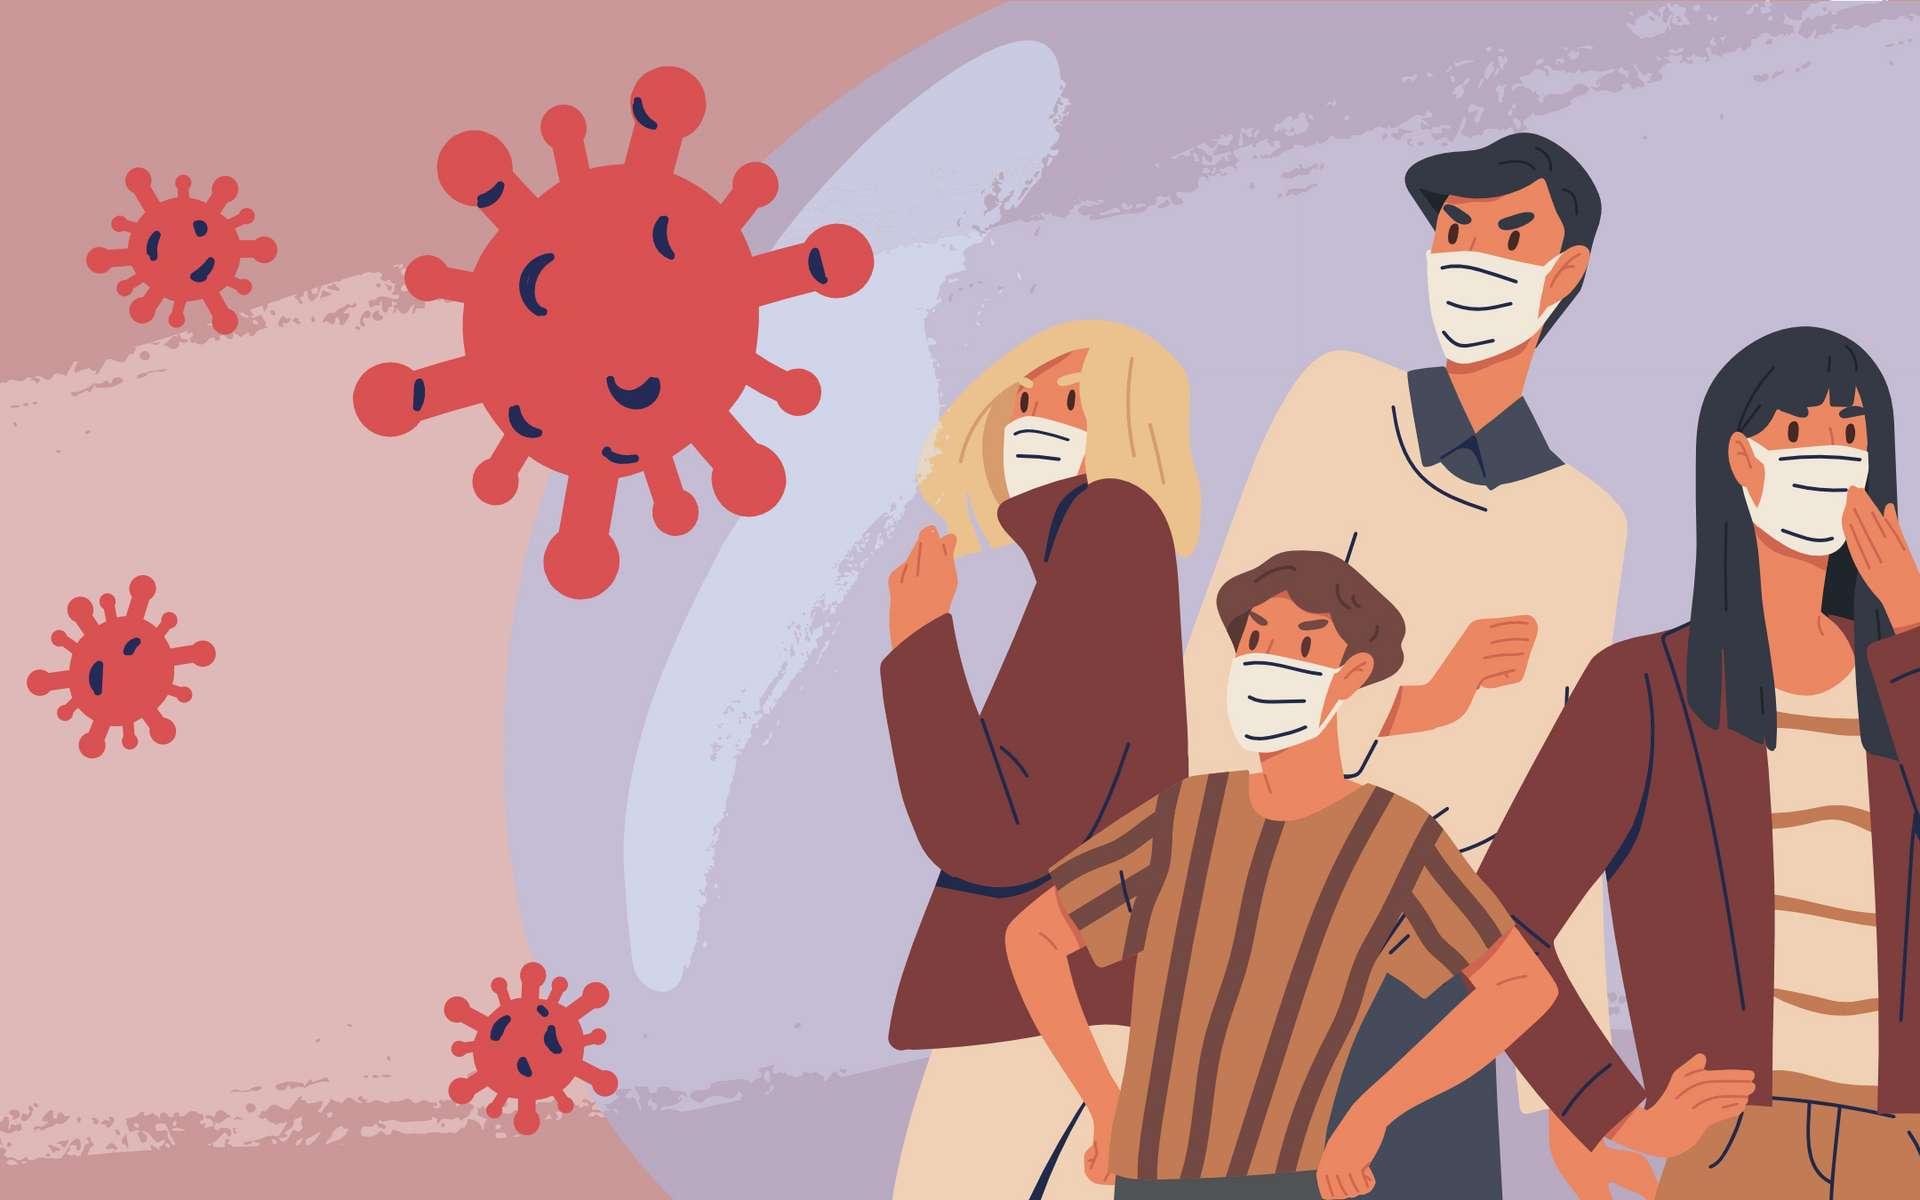 Les personnes de plus de 65 ans sont les plus exposées au risque de réinfection selon une étude danoise. © Good Studio, Adobe Stock